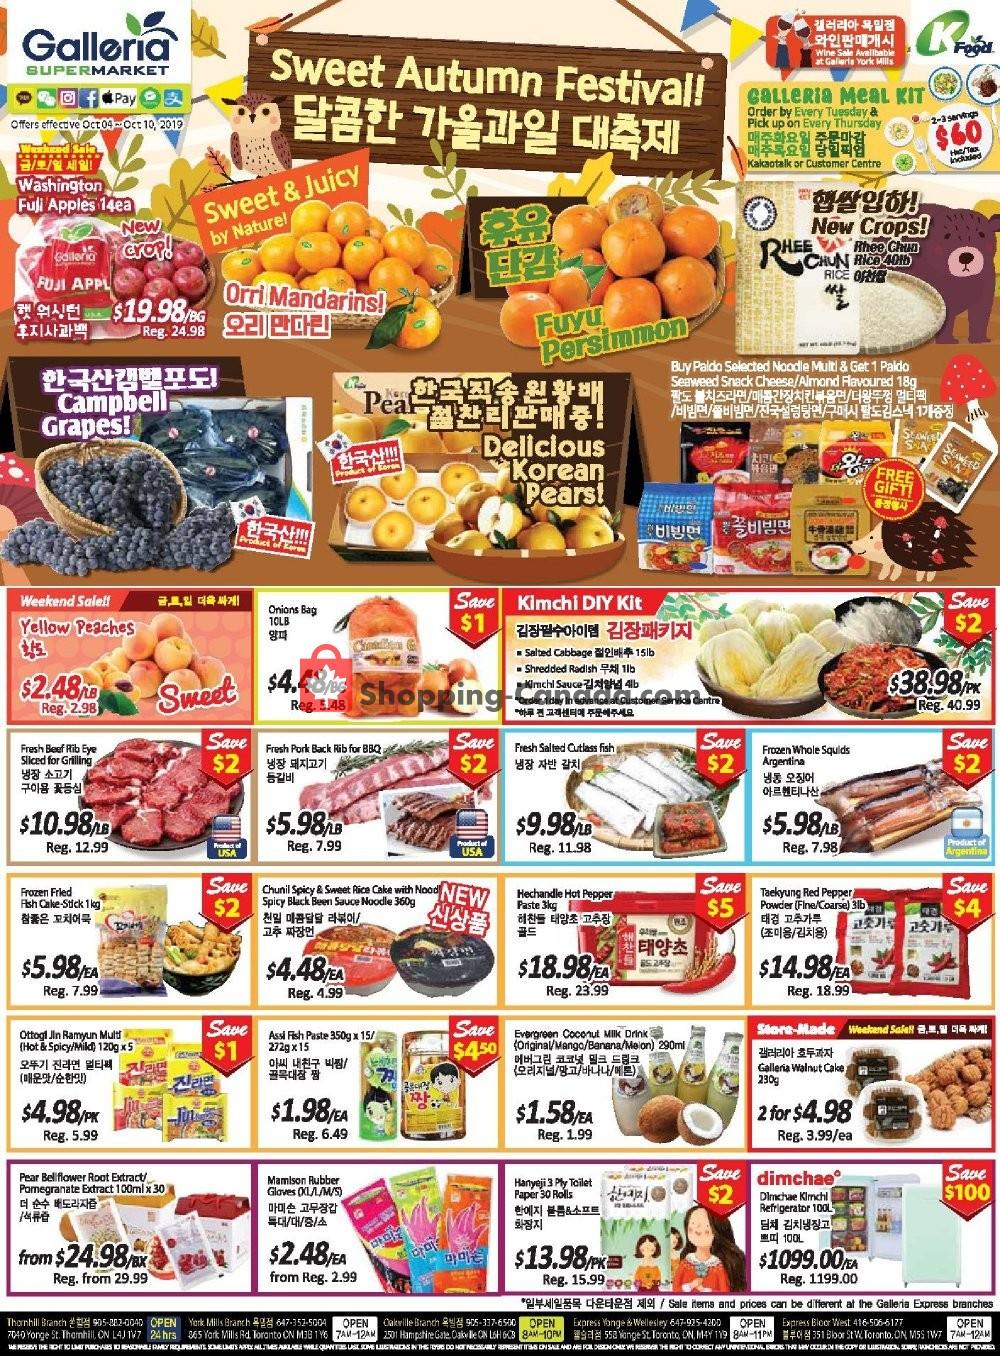 Flyer Galleria Supermarket Canada - from Friday October 4, 2019 to Thursday October 10, 2019